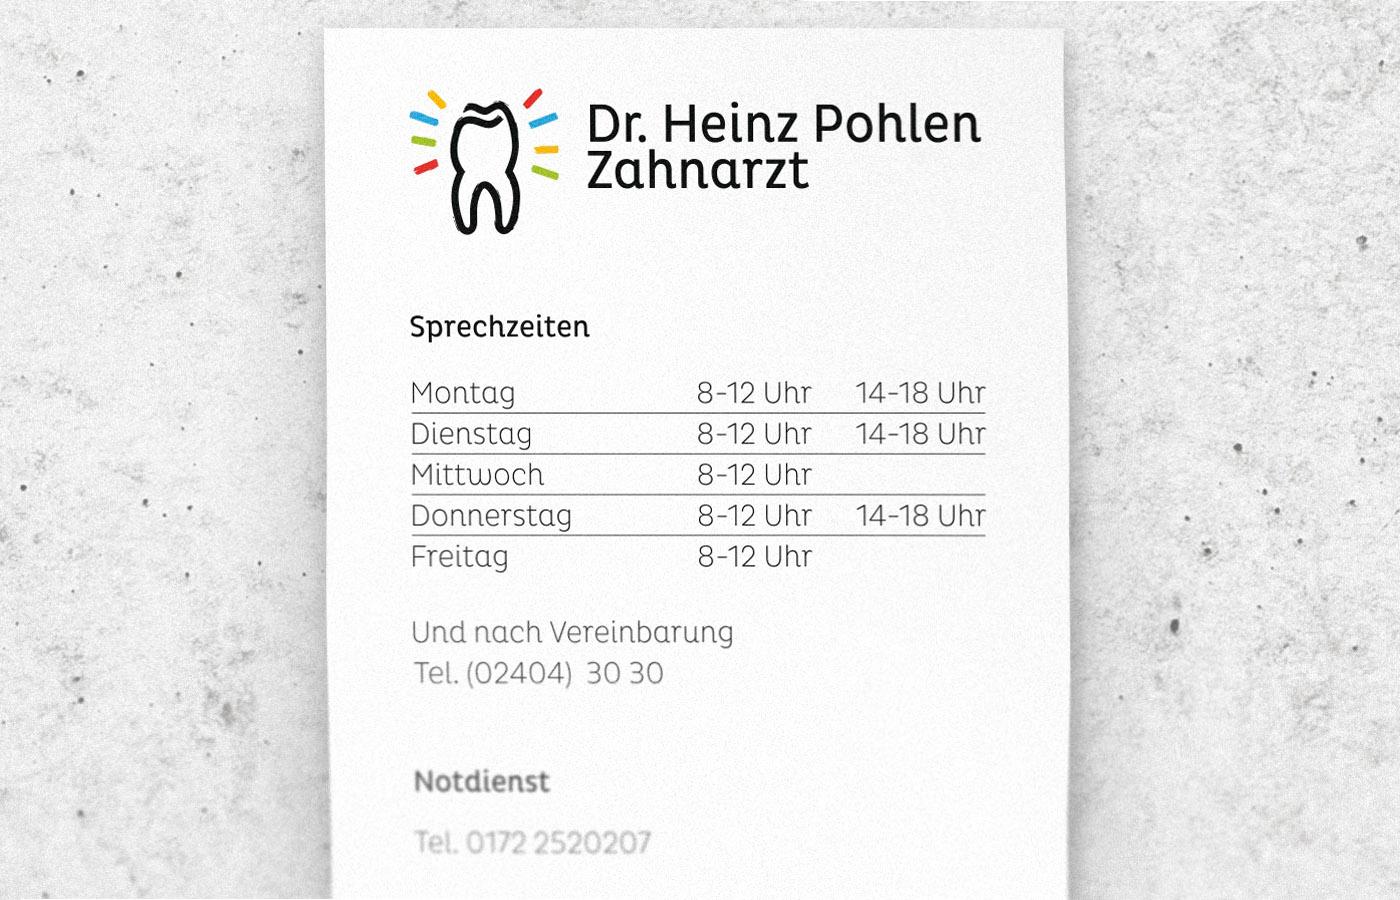 Praxis_Pohlen_06b.jpg